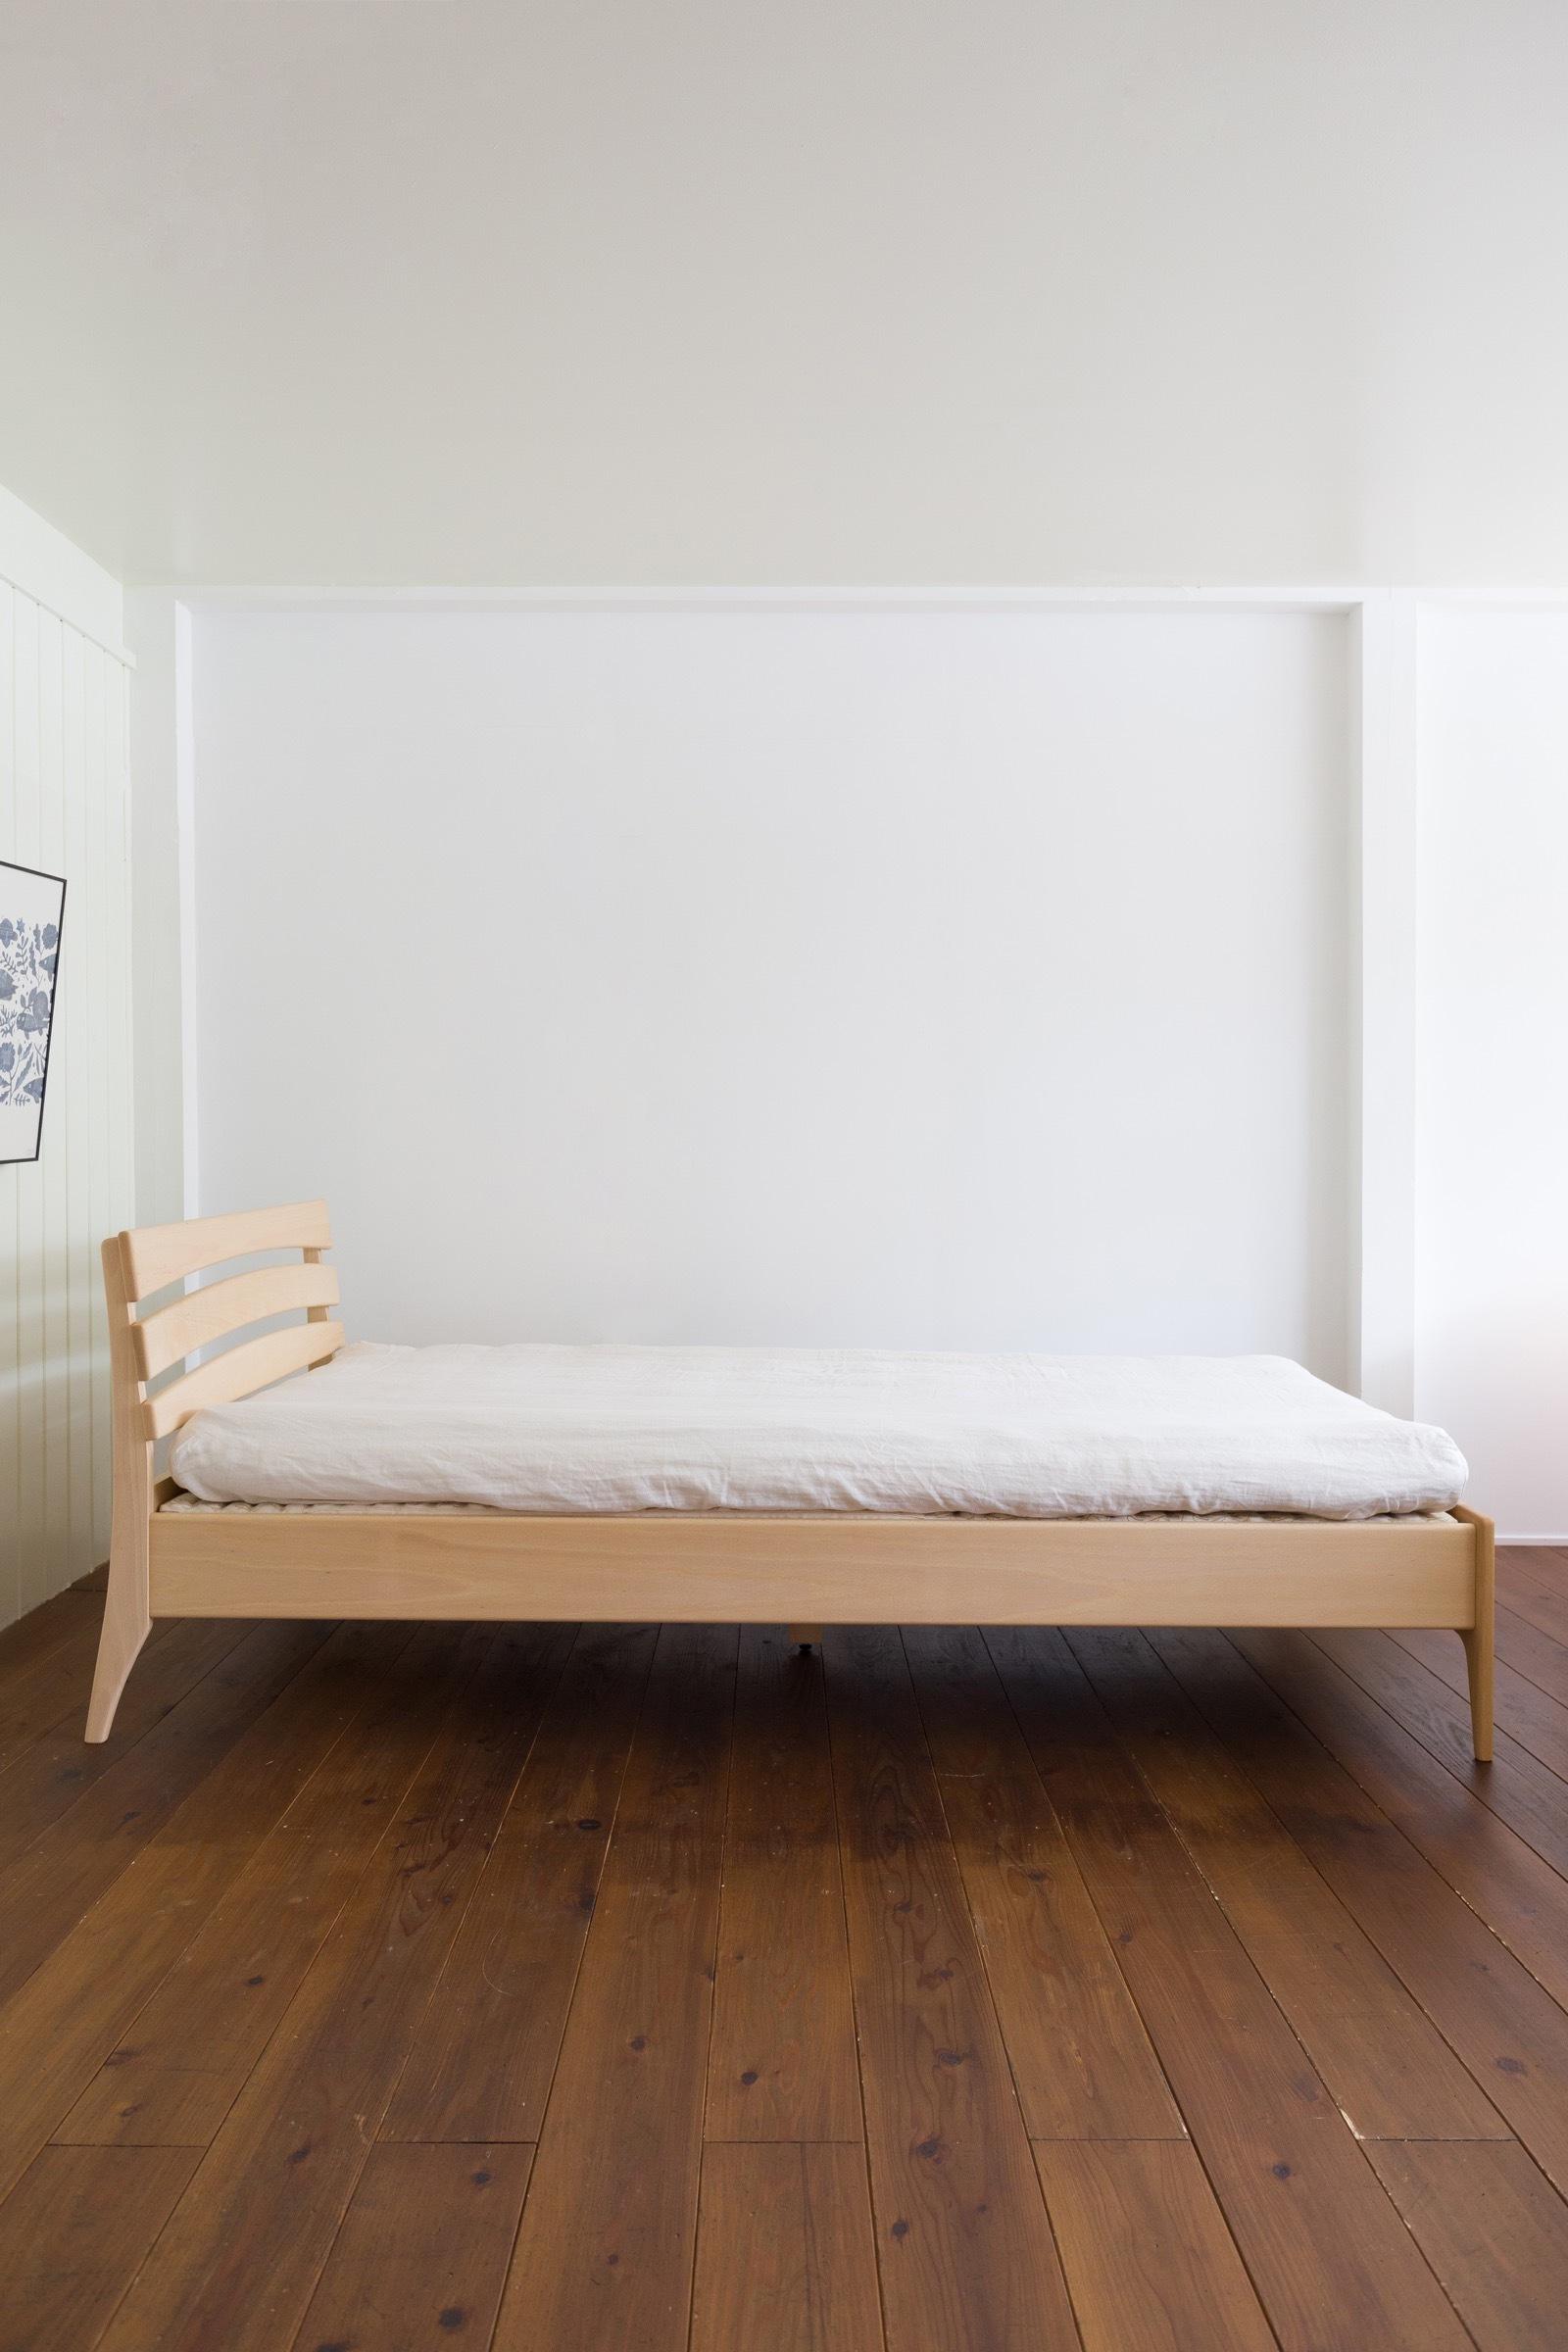 【Relax(リラックス)】 「ROOTS」天然素材で作った、調整できるベッドセット(シングル/ウッドスプリング Relax 2000)